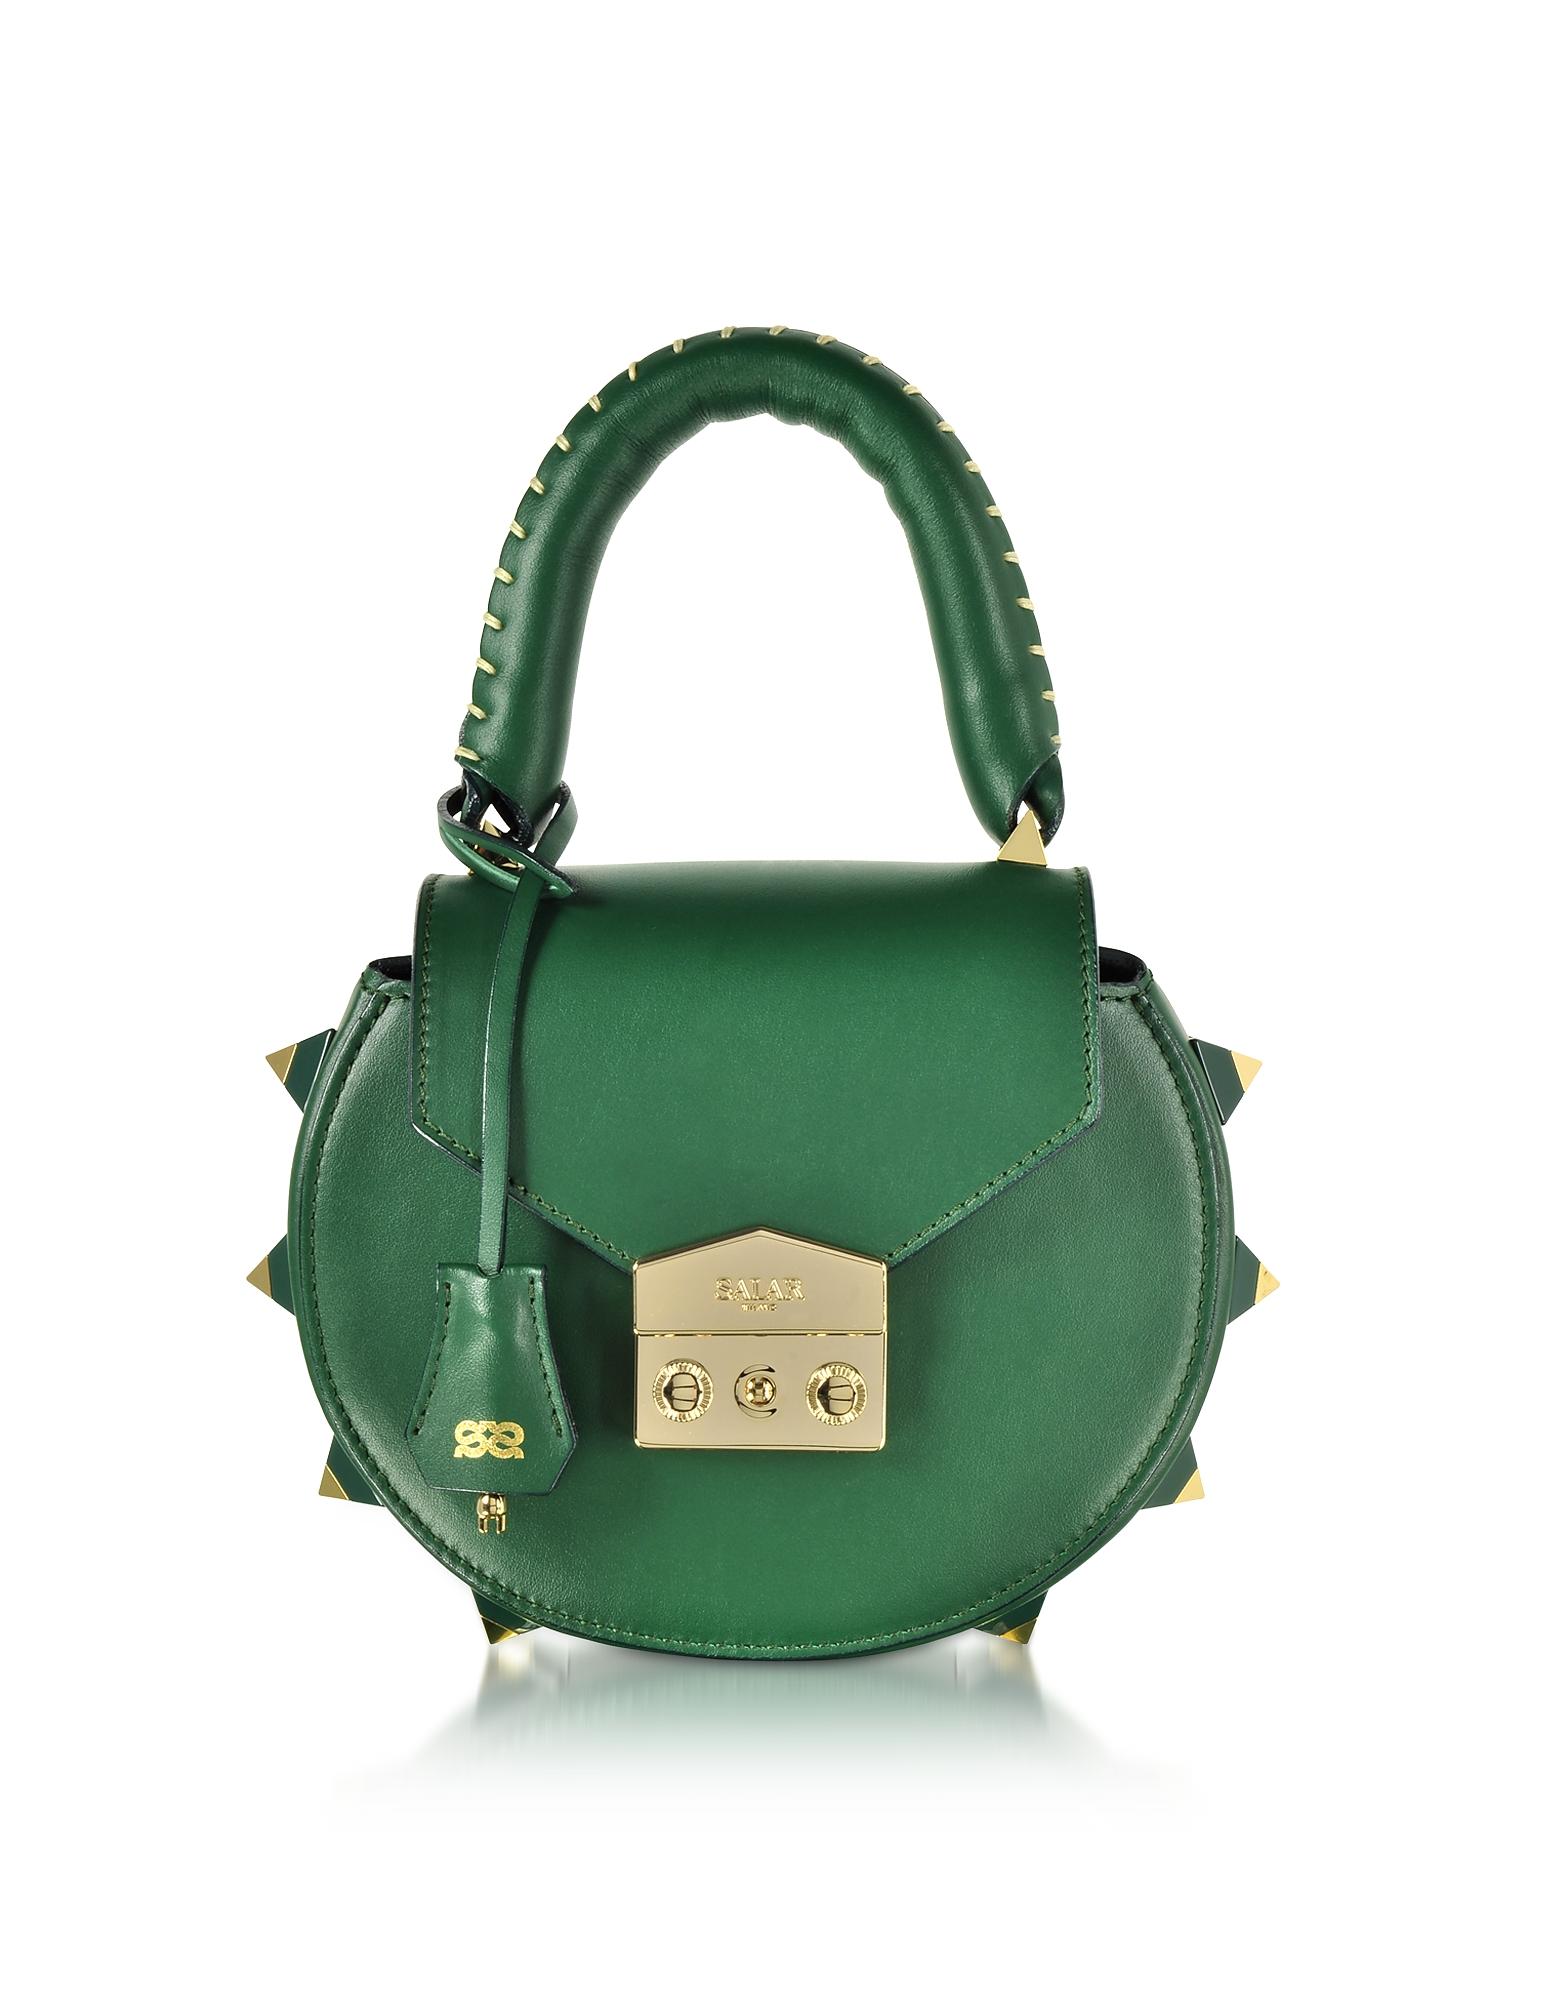 Mimi Green Leather Shoulder Bag